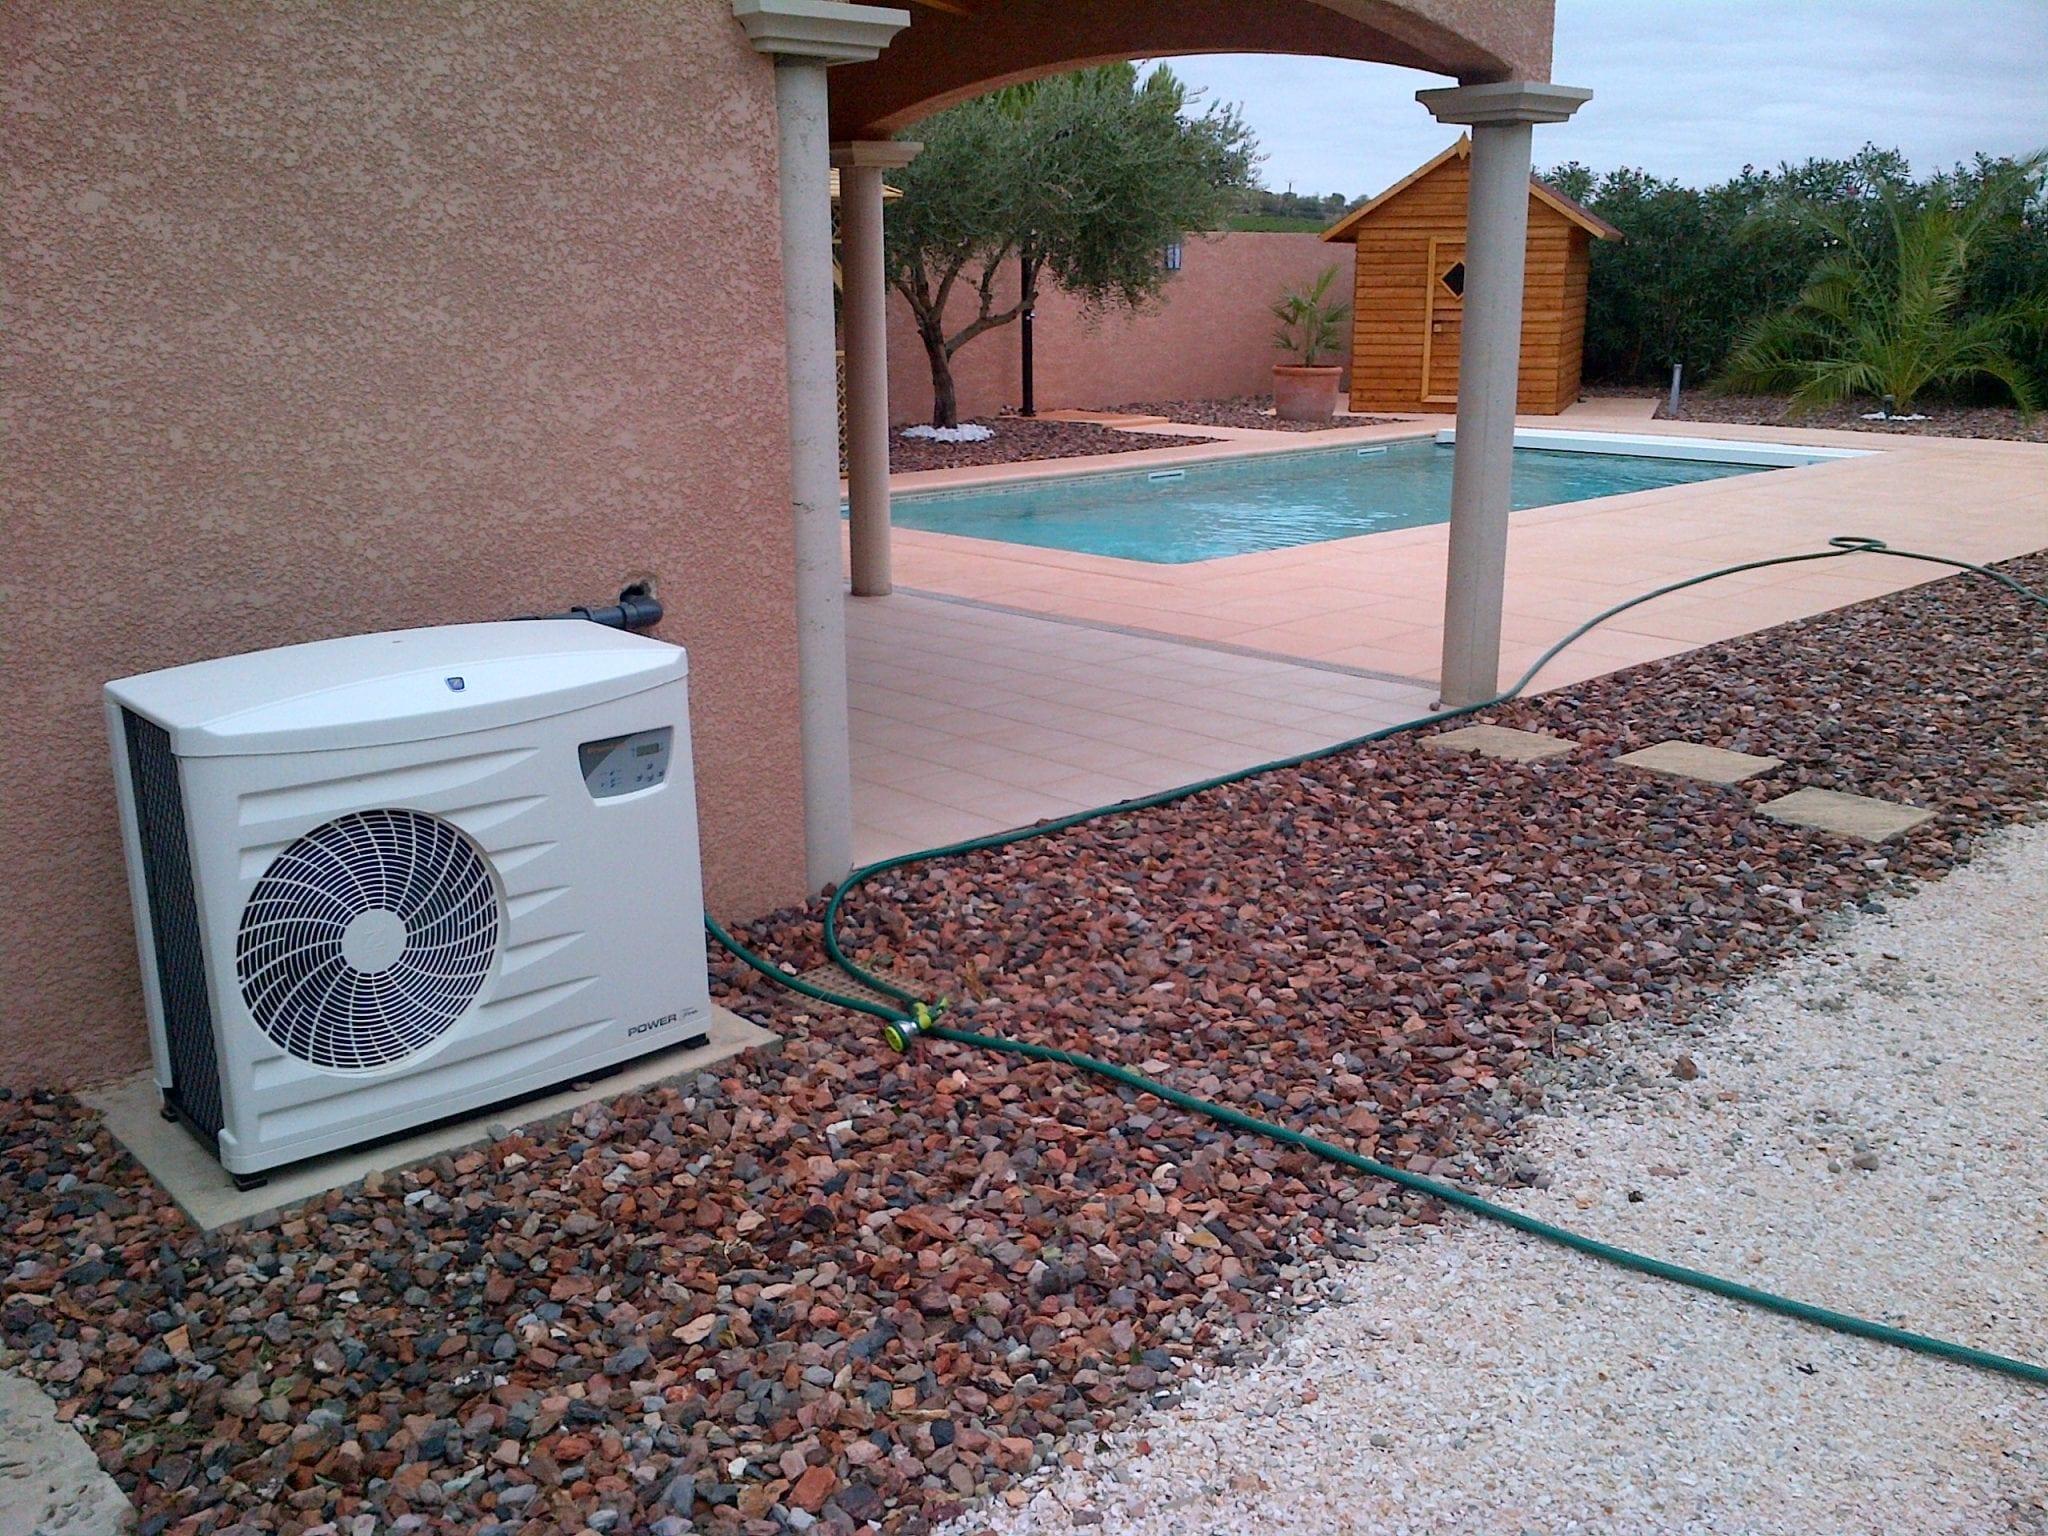 Installation d'une pompe à chaleur piscinne à Narbonne par BTV piscine